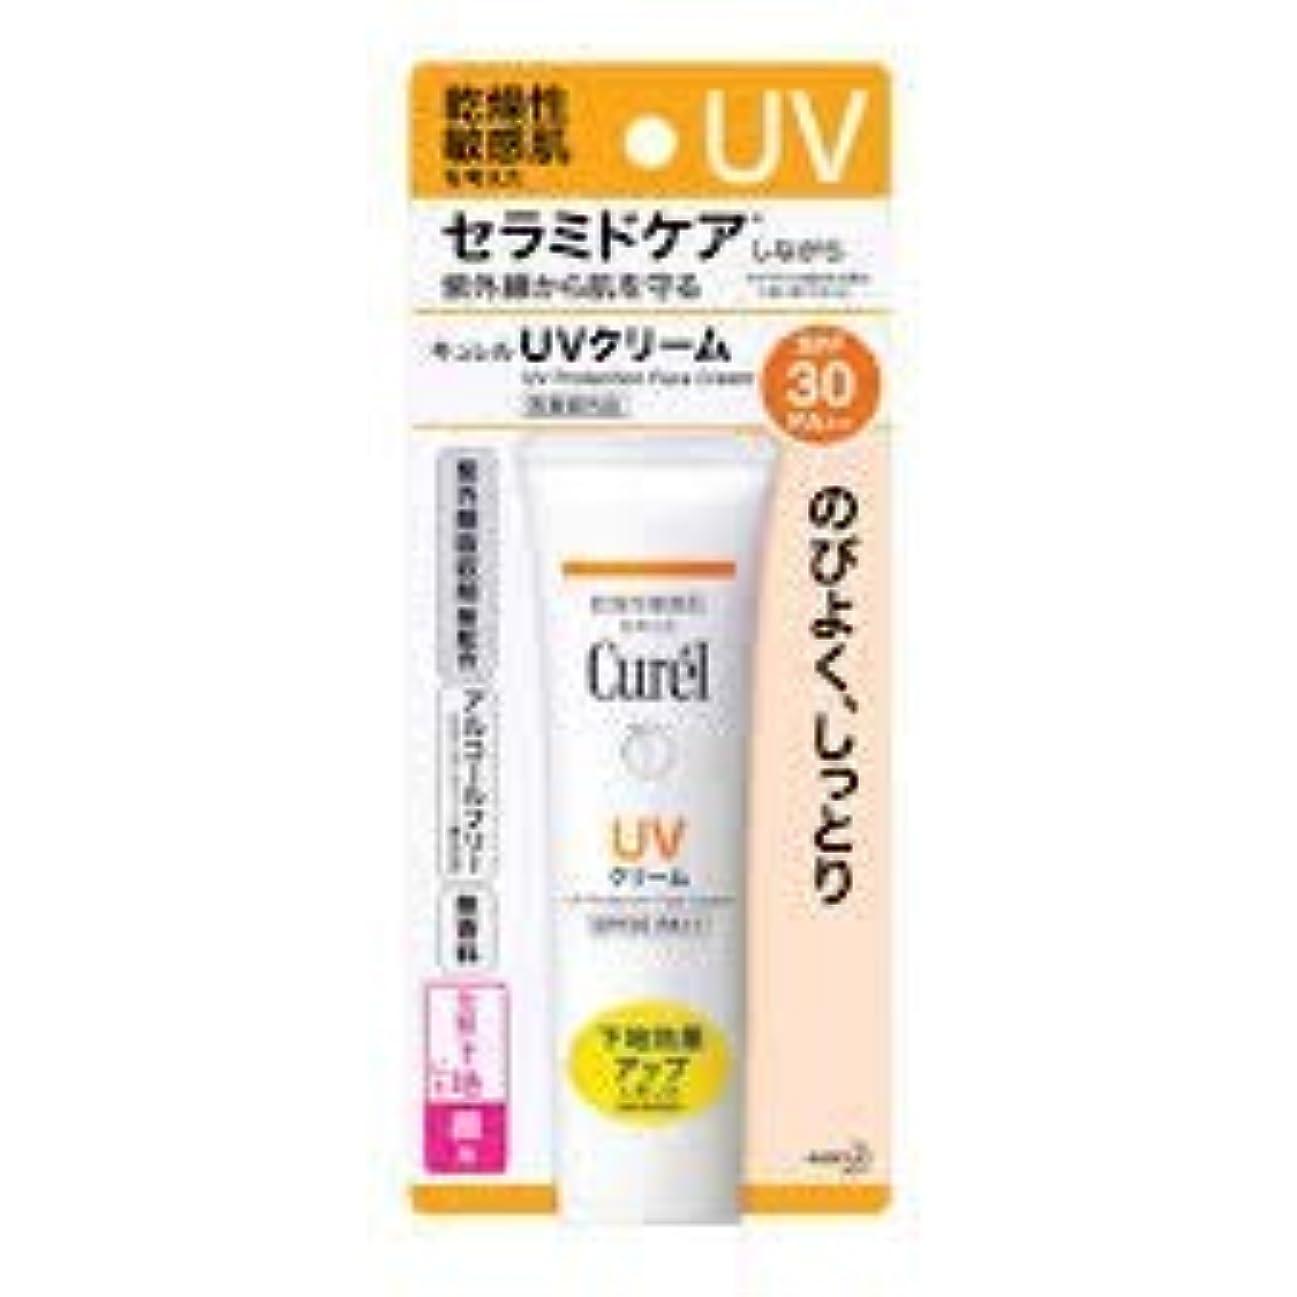 有害なアノイマングルCurél キュレル uv プロテクションフェイスクリーム spf30 50g-紫外線から肌を守る